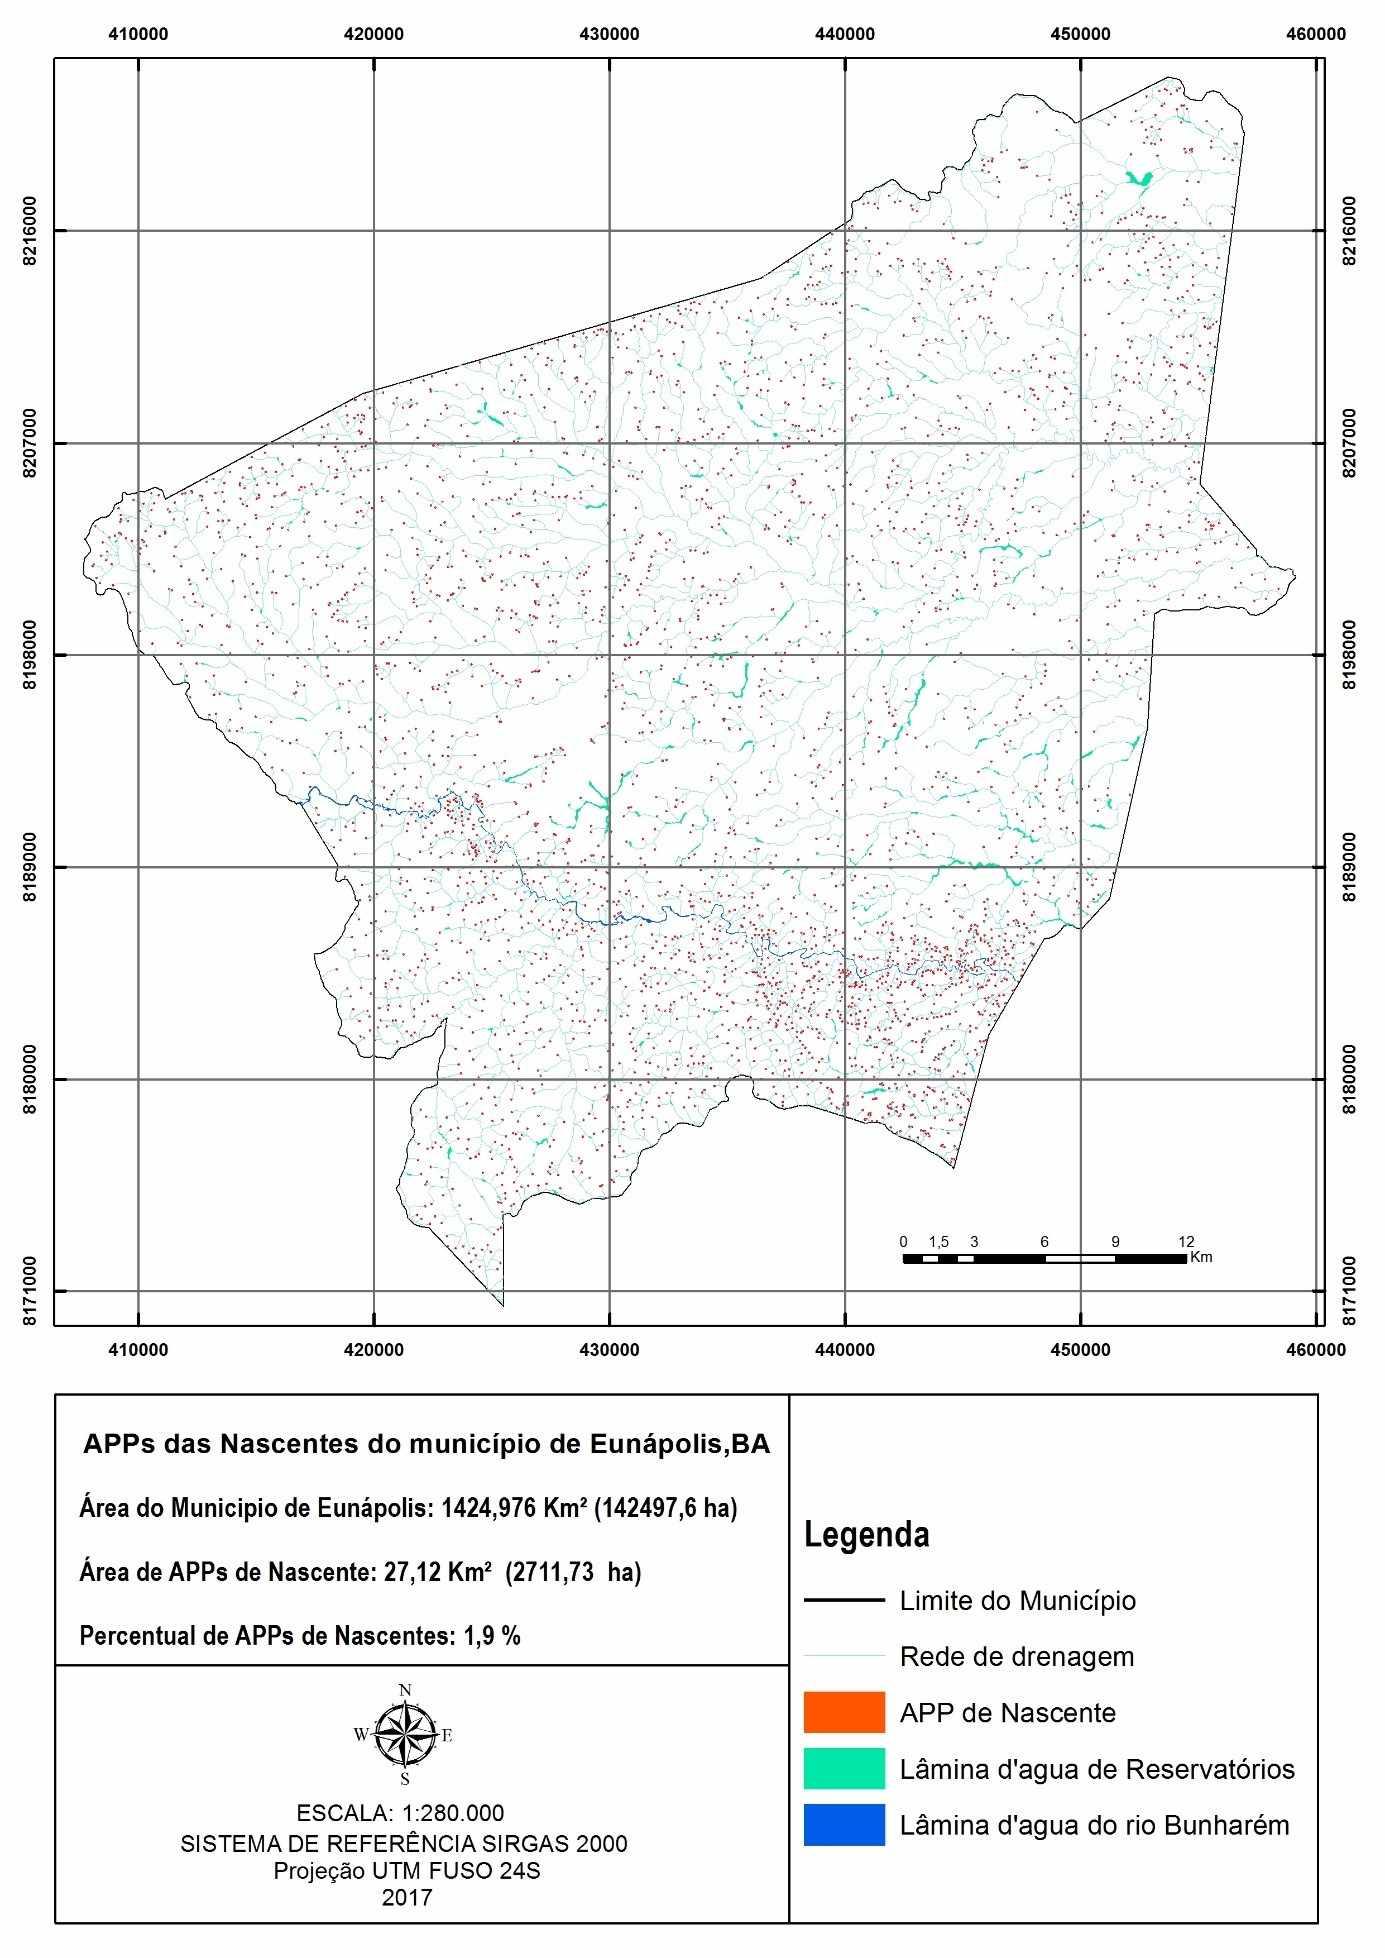 Área de preservação permanente das nascentes no município de Eunápolis, BA. Fonte: O autor